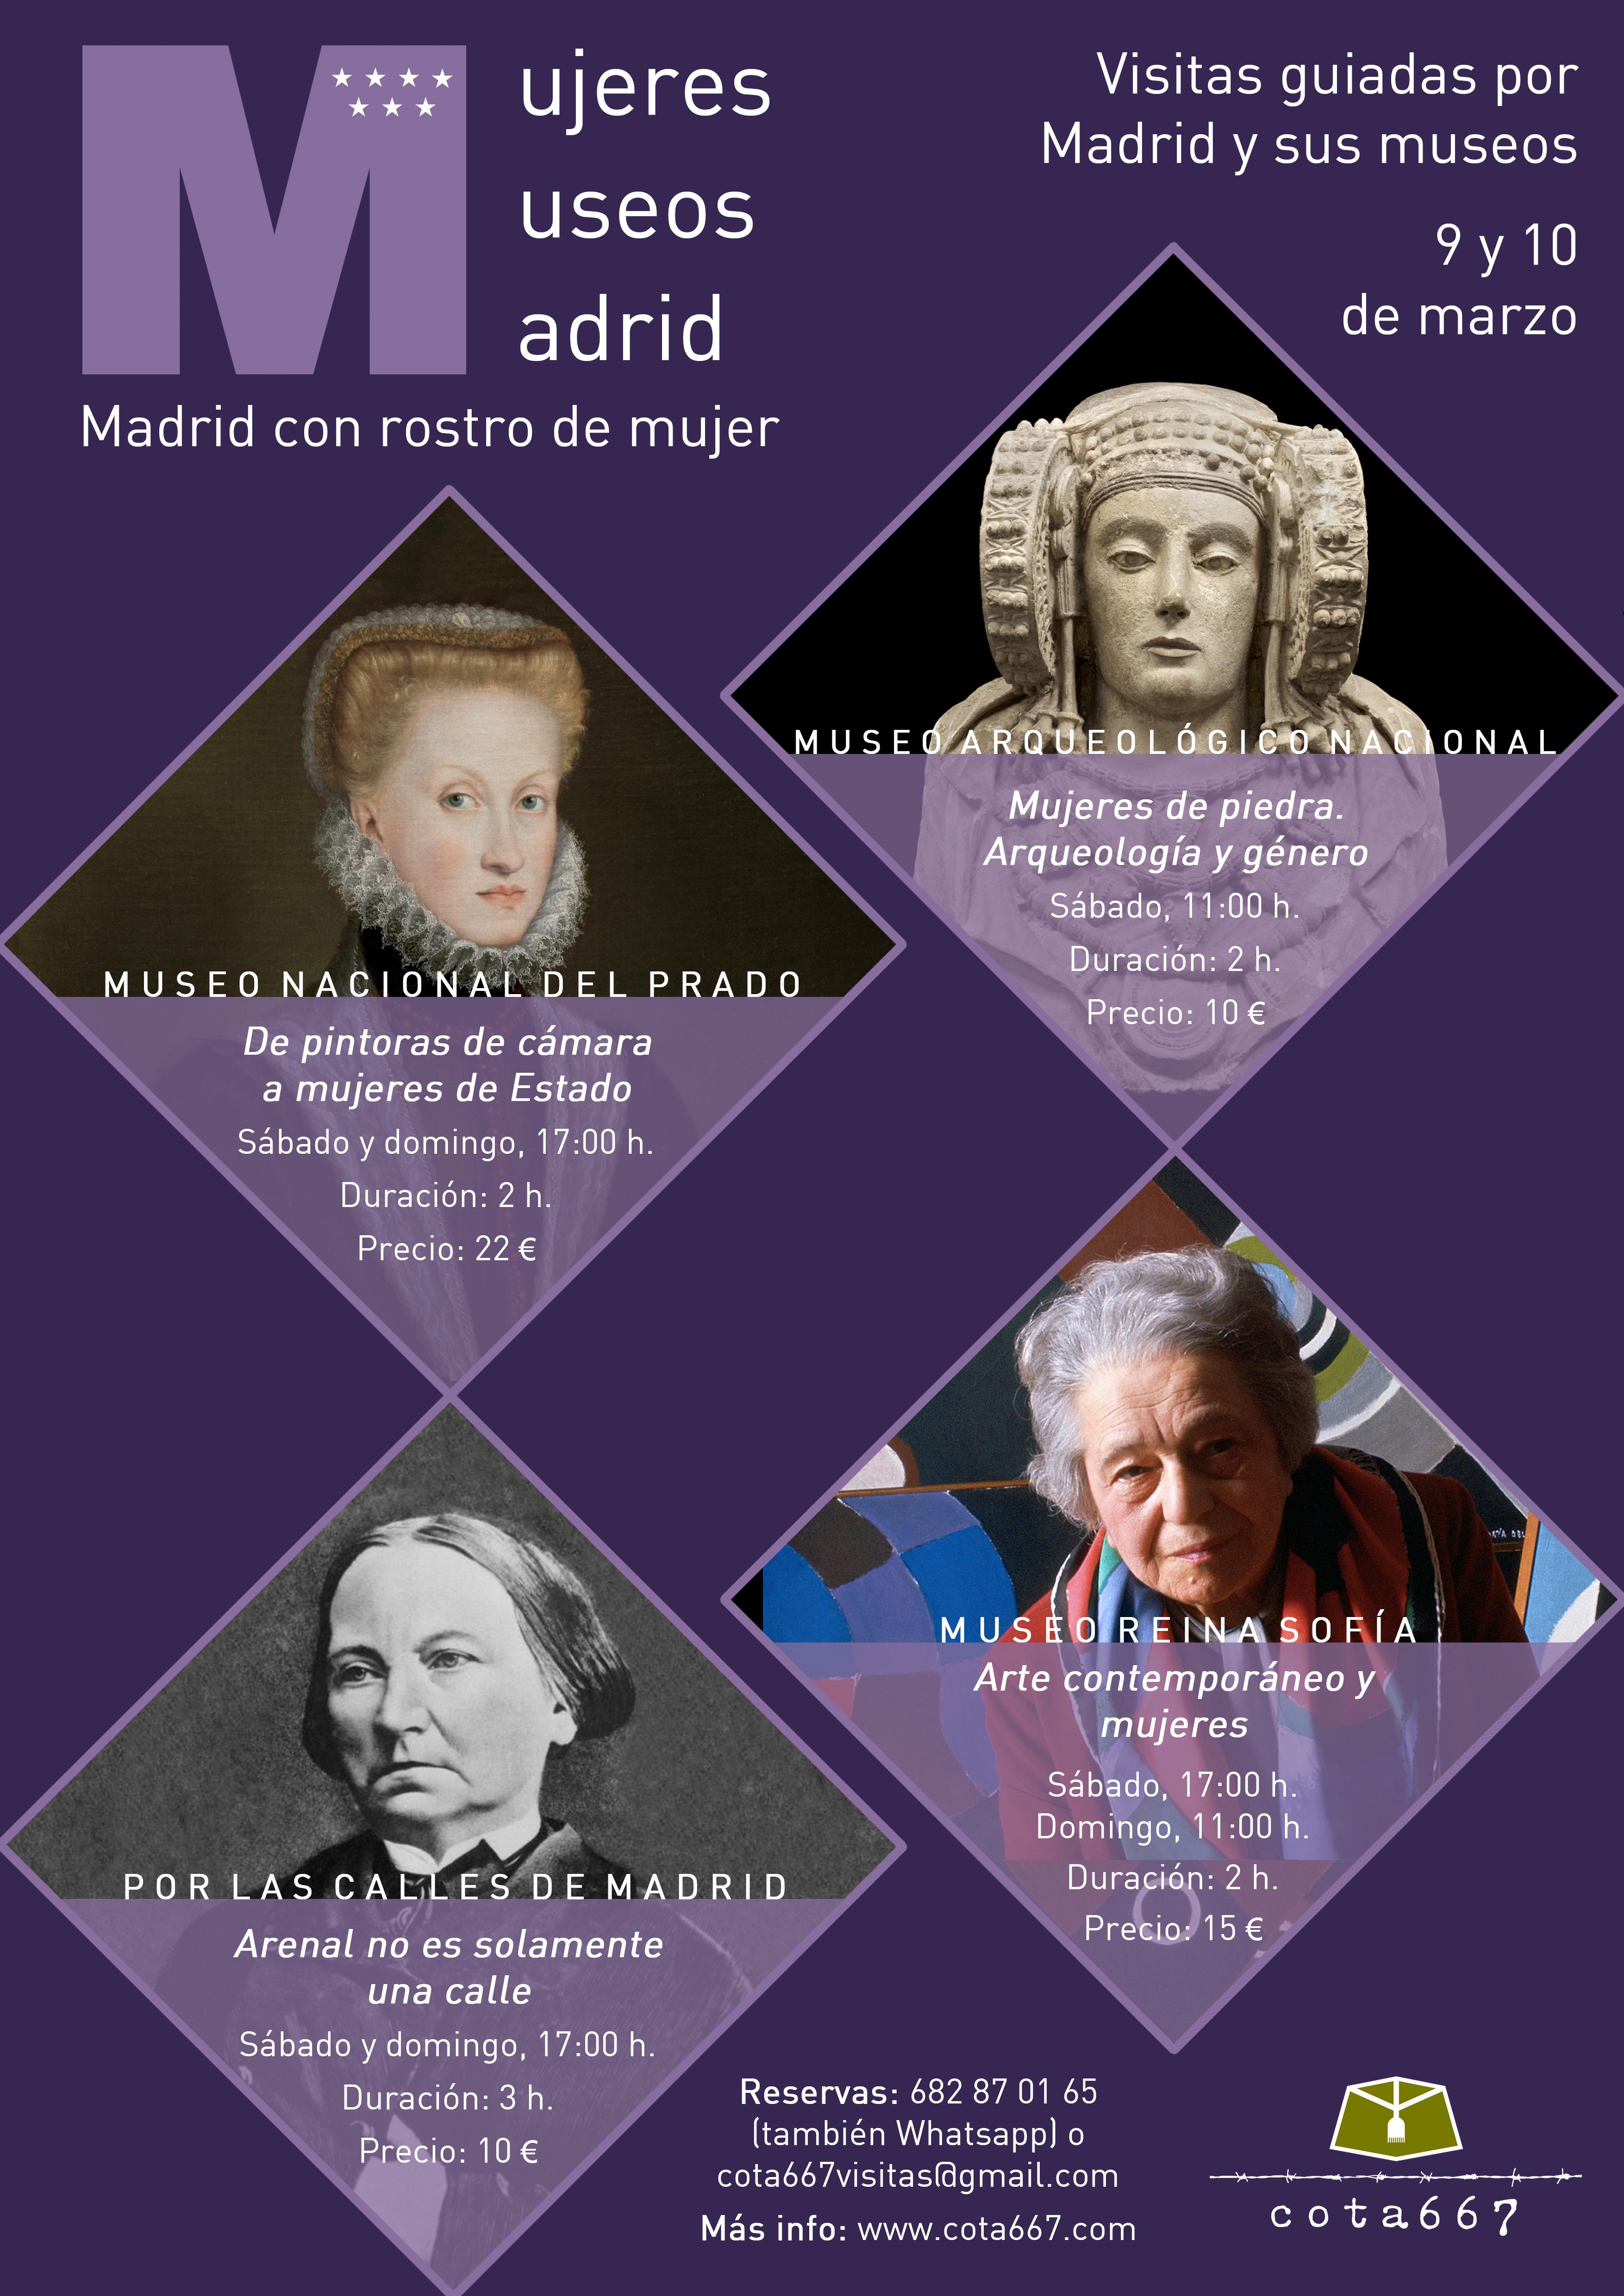 Cartel Madrid con rostro de mujer (2)